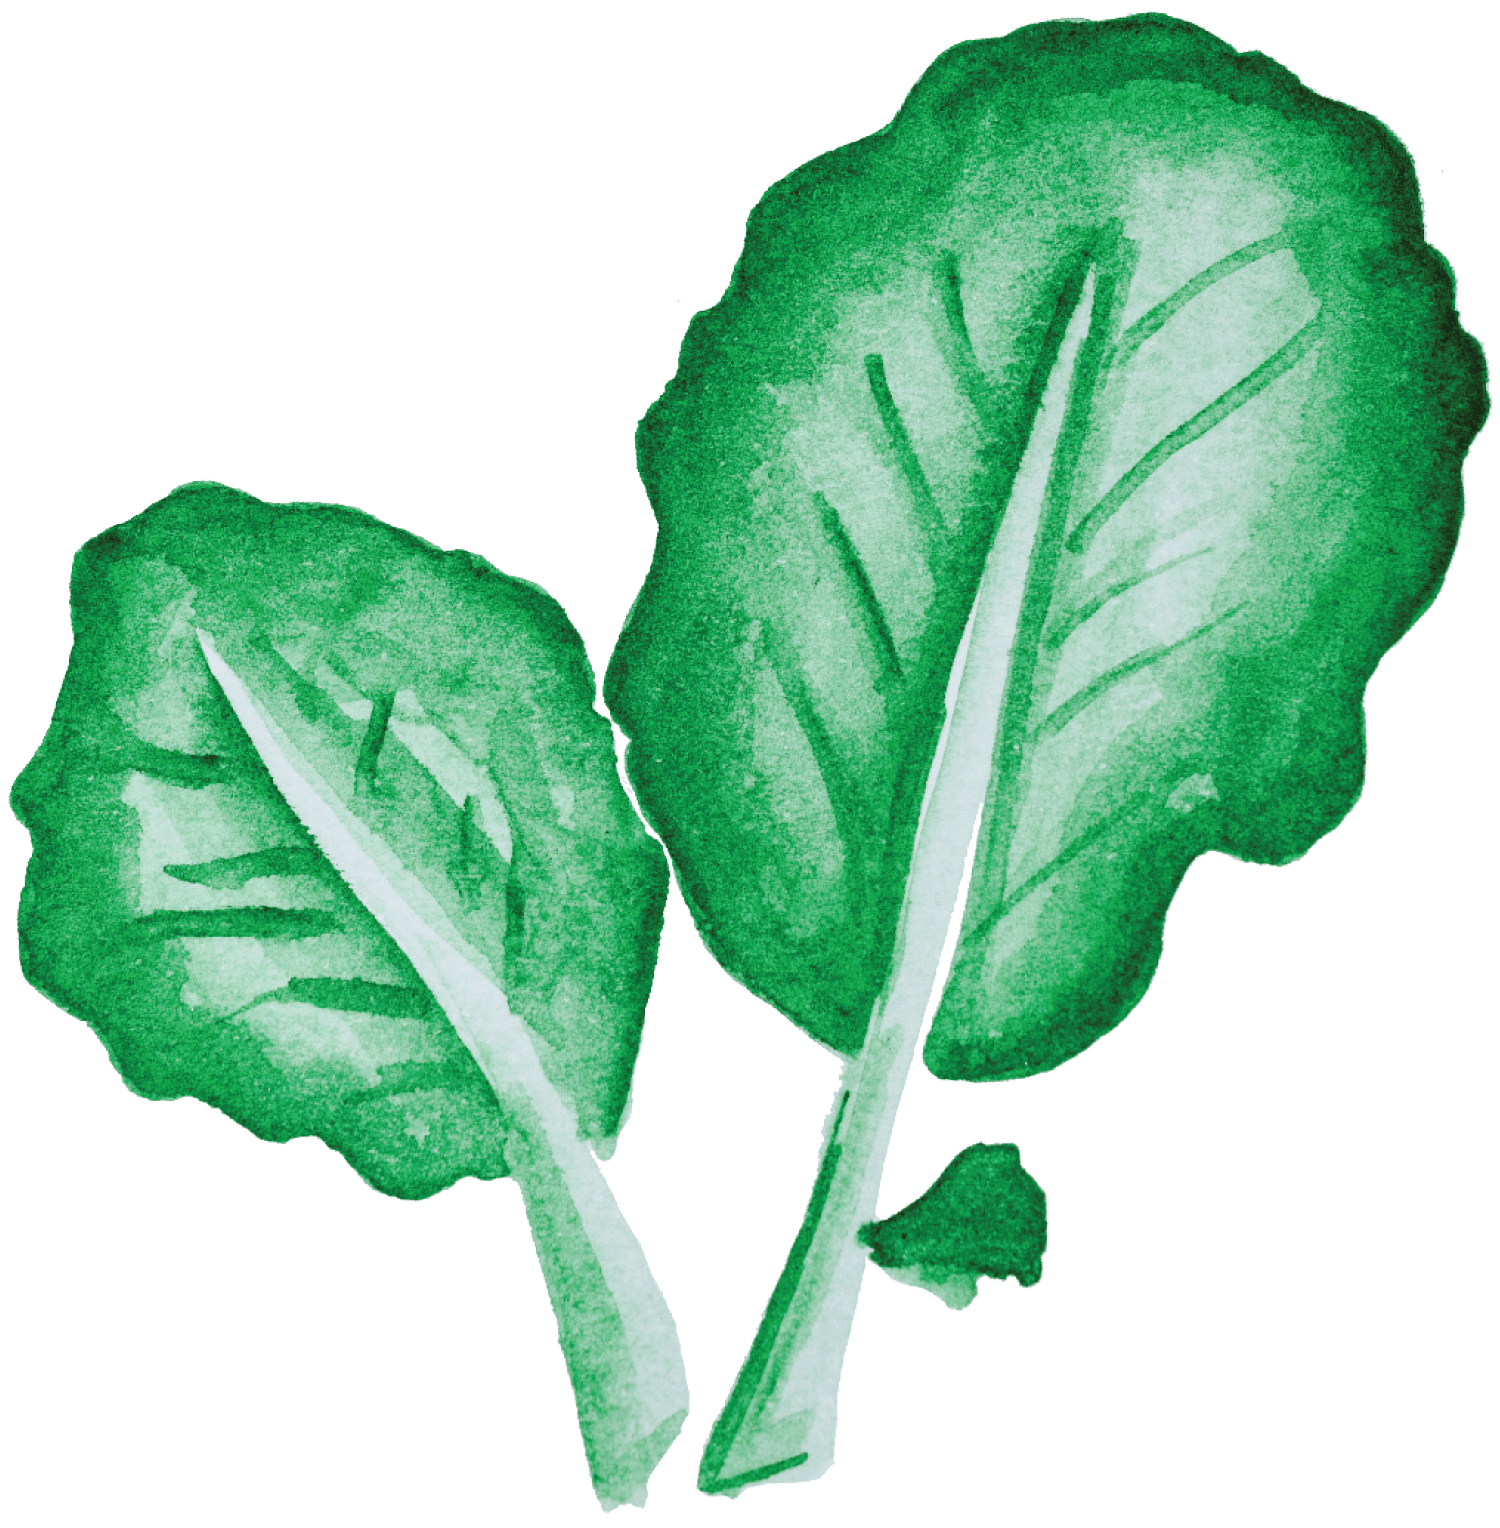 Caldo Verde de batata doce